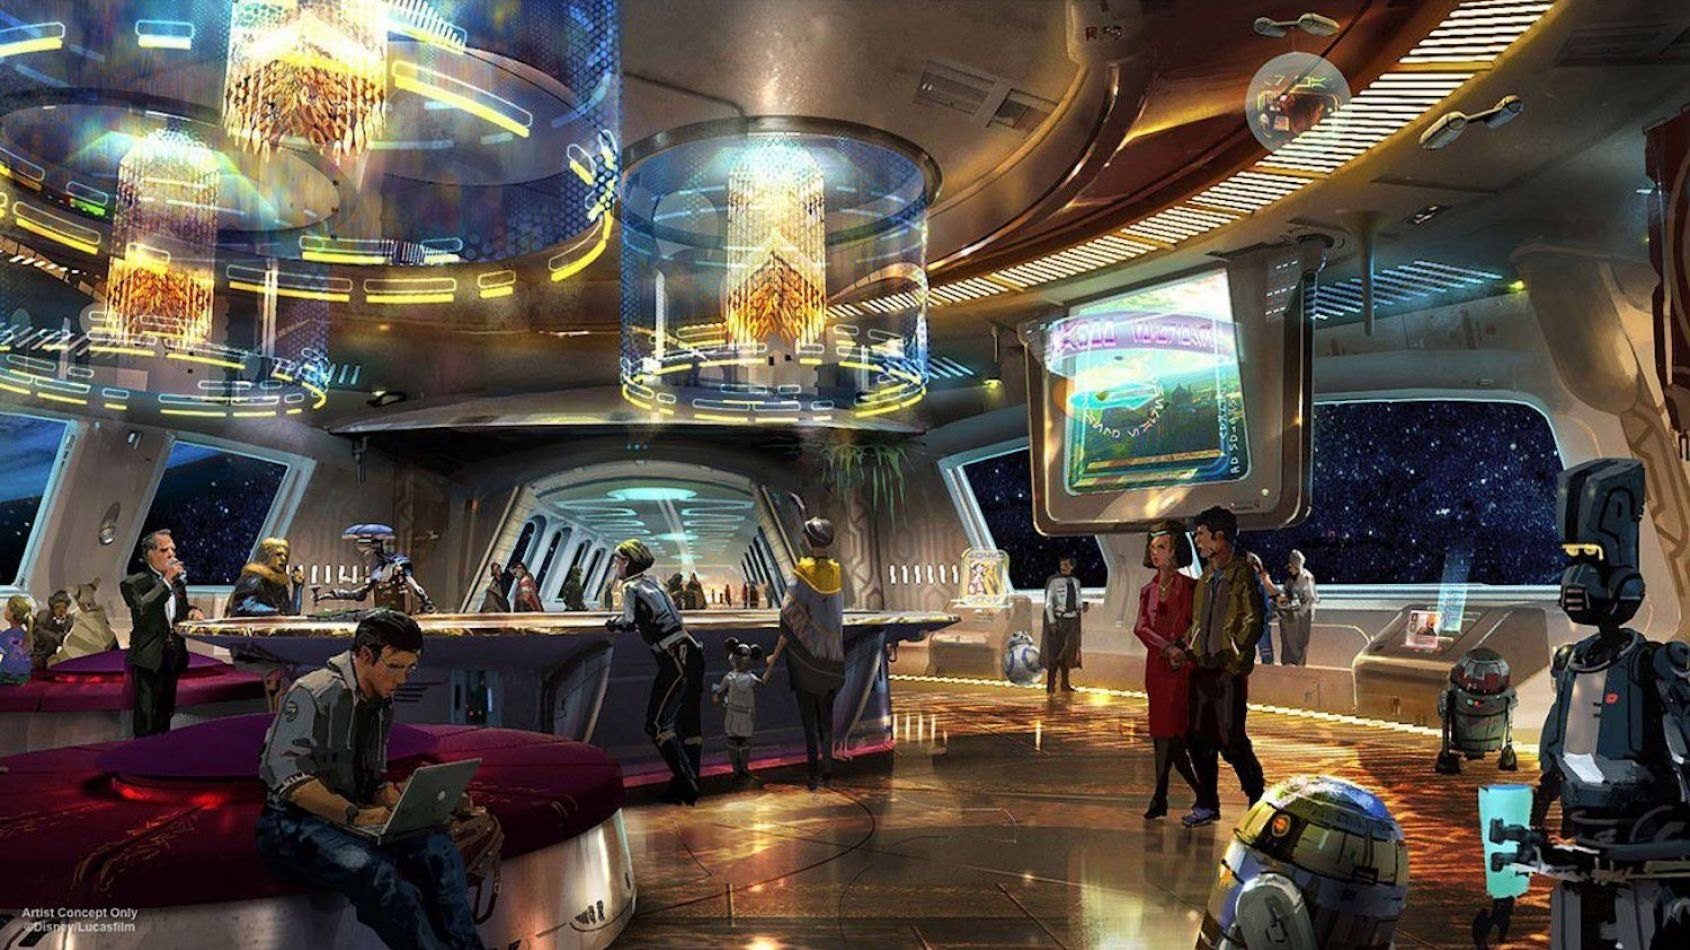 L'hôtel à expériences immersives de Star Wars Galaxy's Edge confirmé!